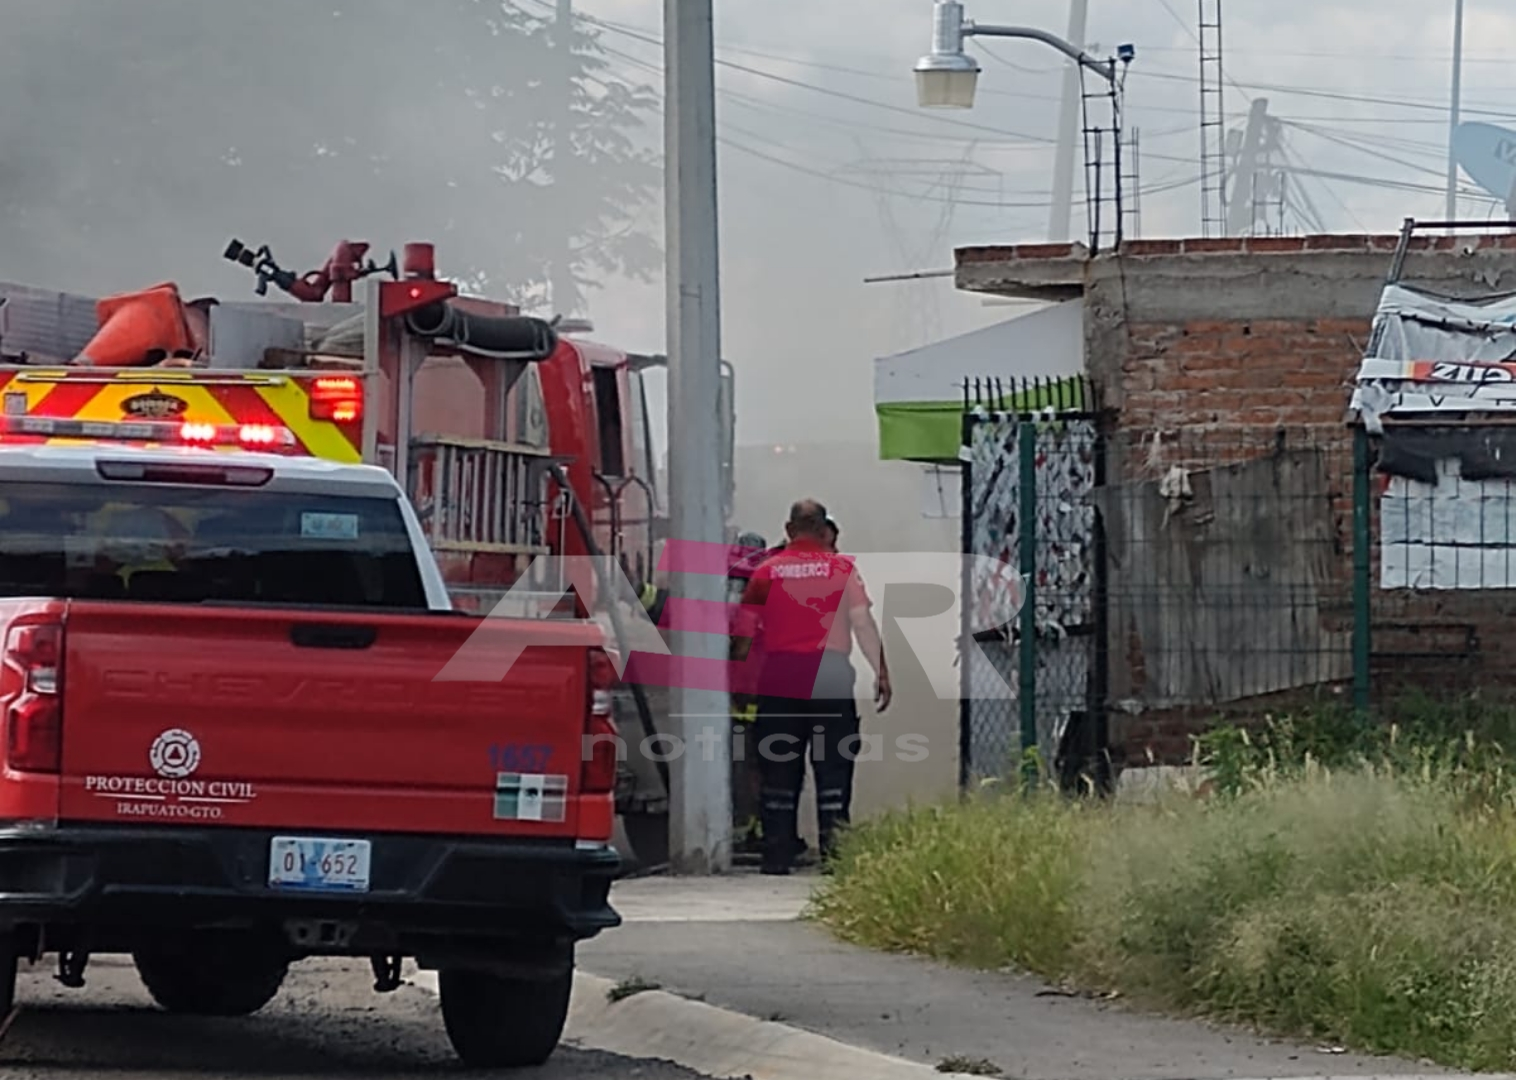 Flamazo origina incendio, deja tres intoxicados y daños materiales en vivienda 7